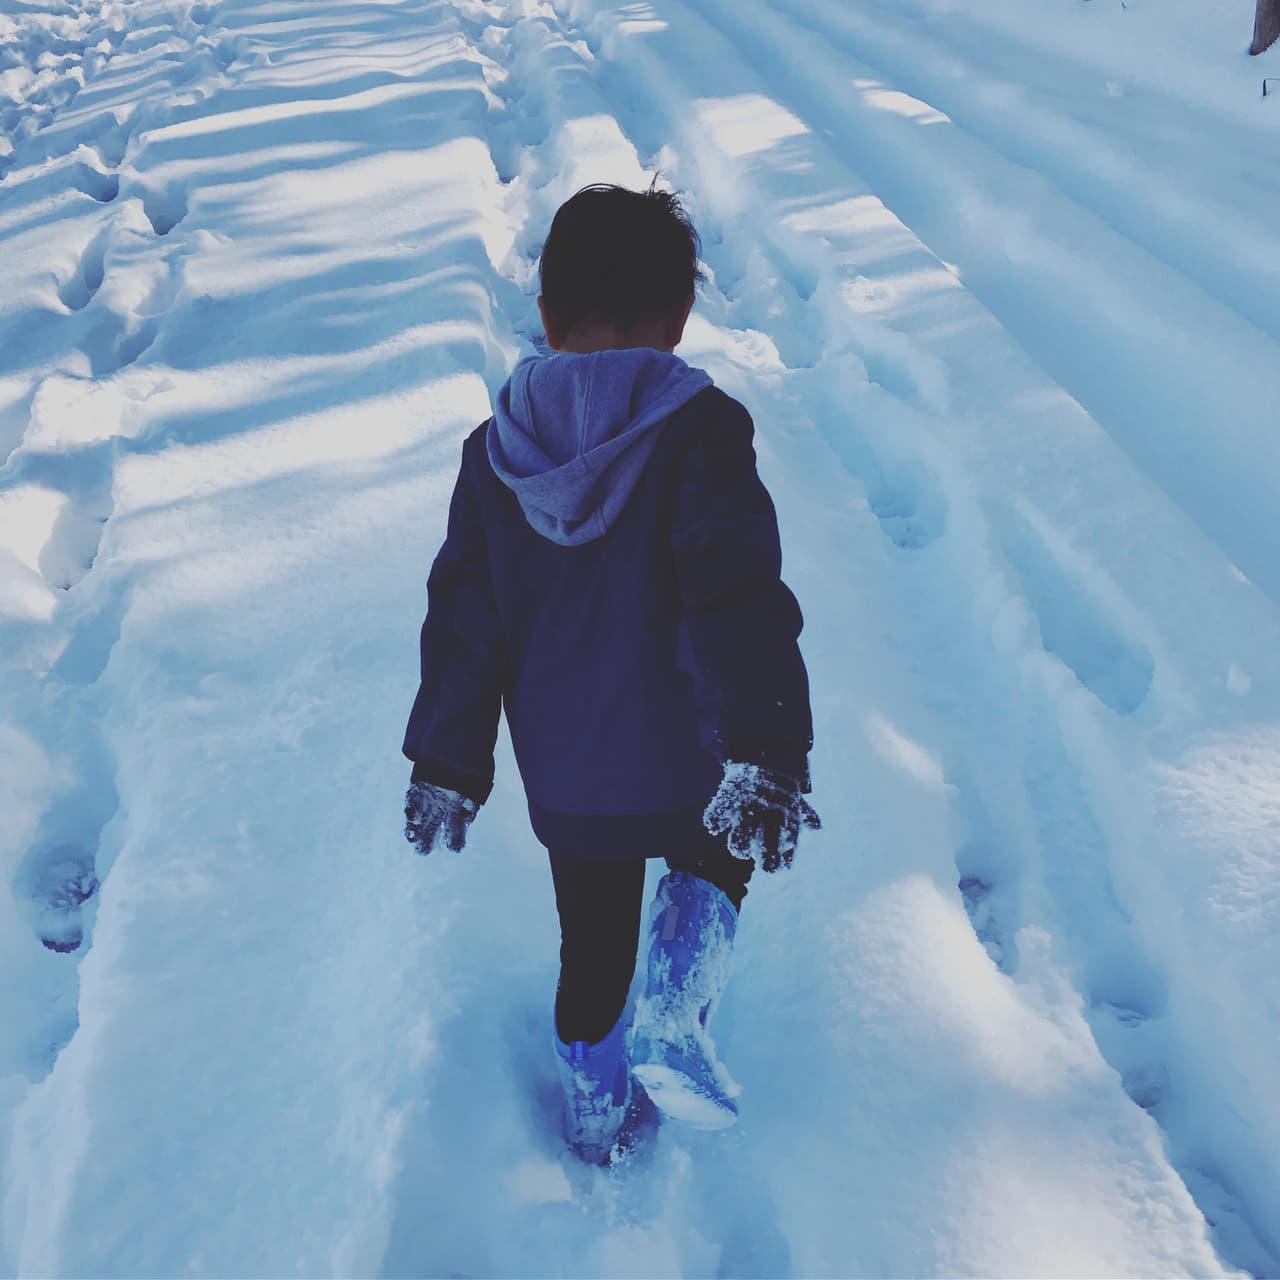 雪 長靴 子ども 冬